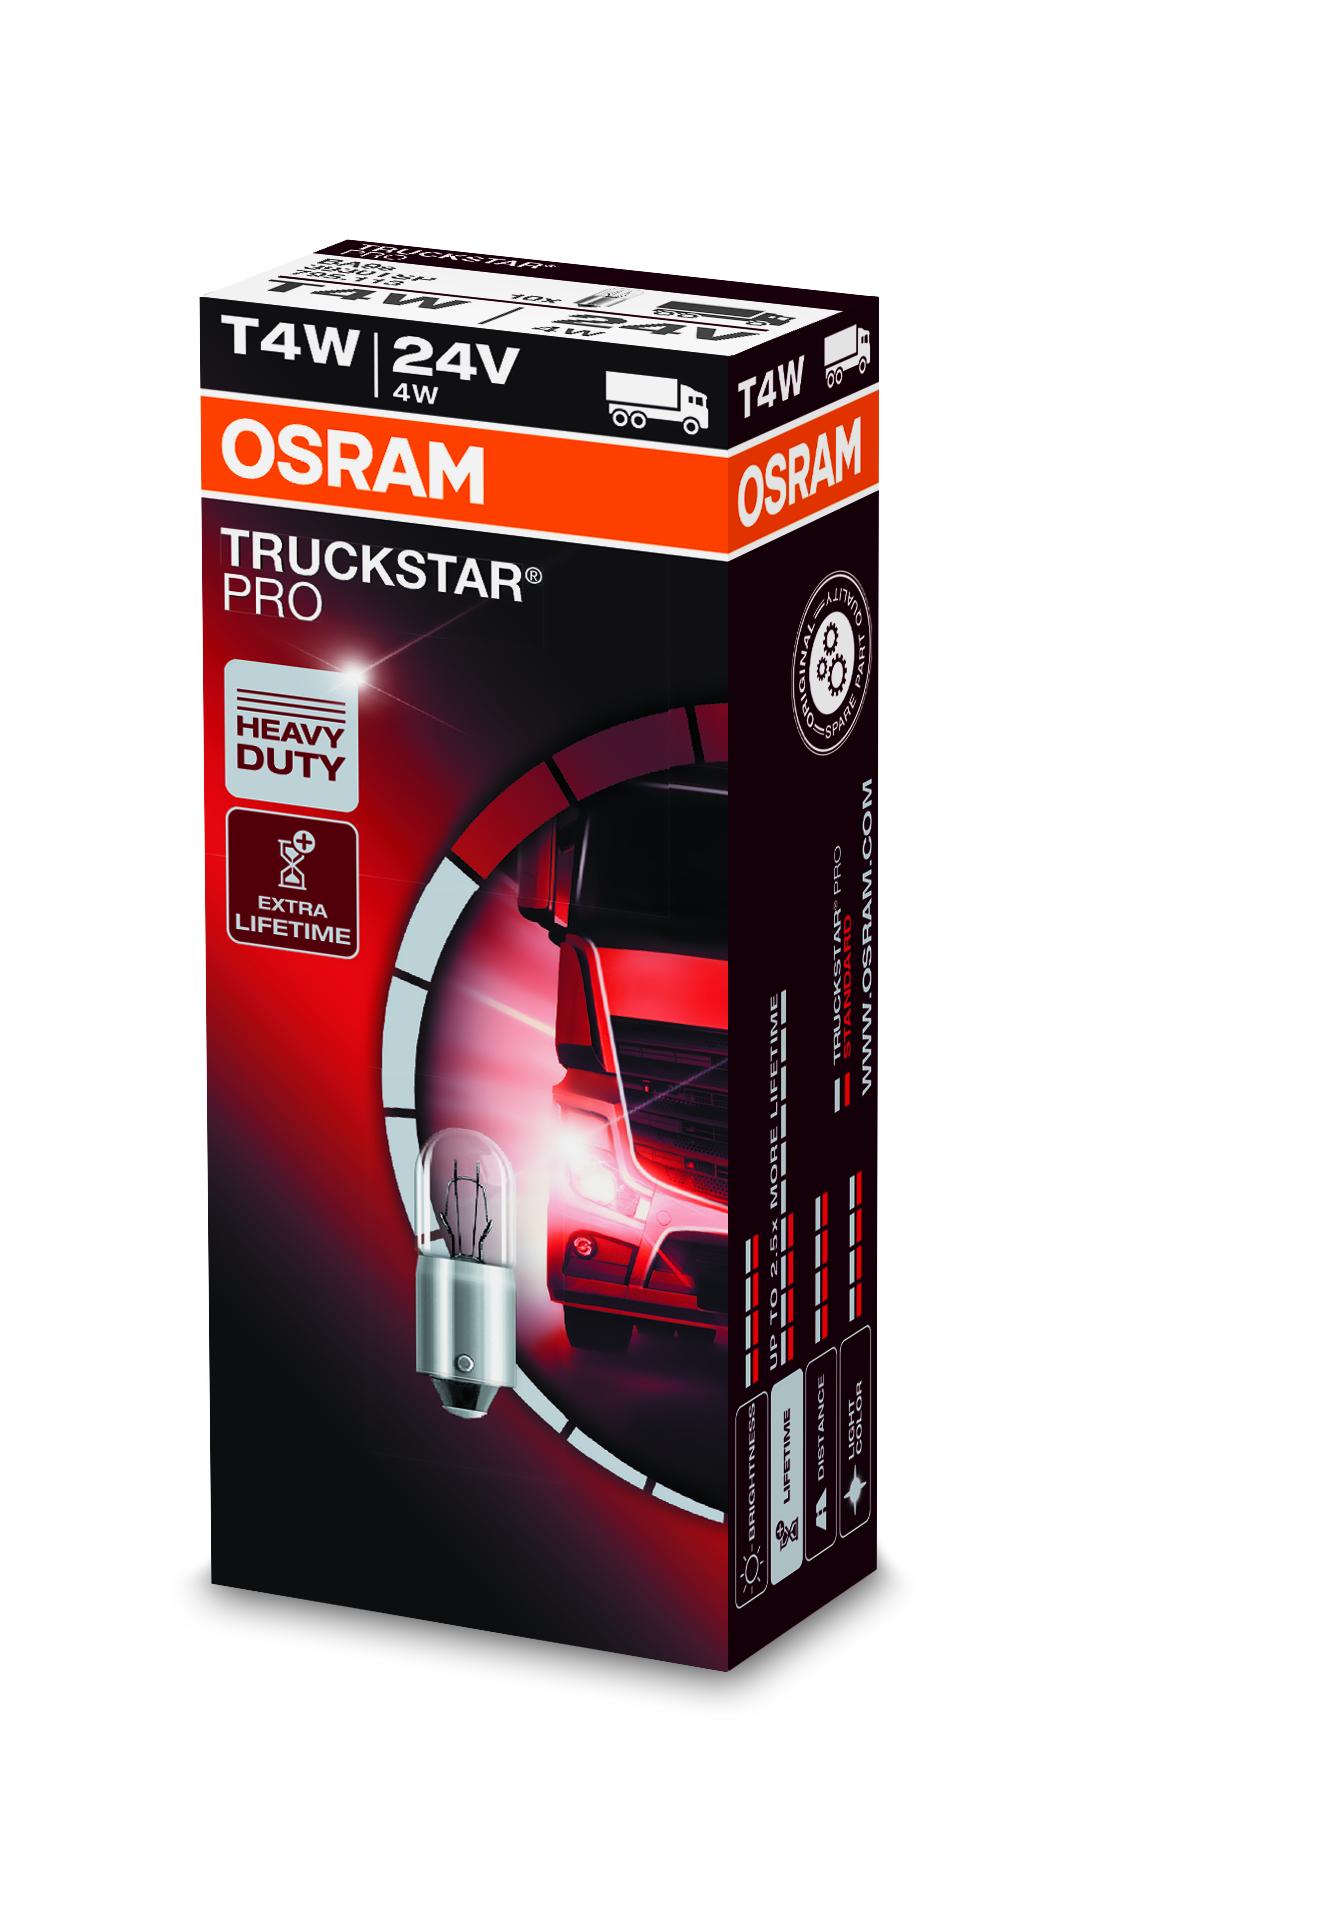 Osram halogenová žárovka, TRUCKSTAR PRO, T4W, BA9s, 24V, 4W, 3930TSP